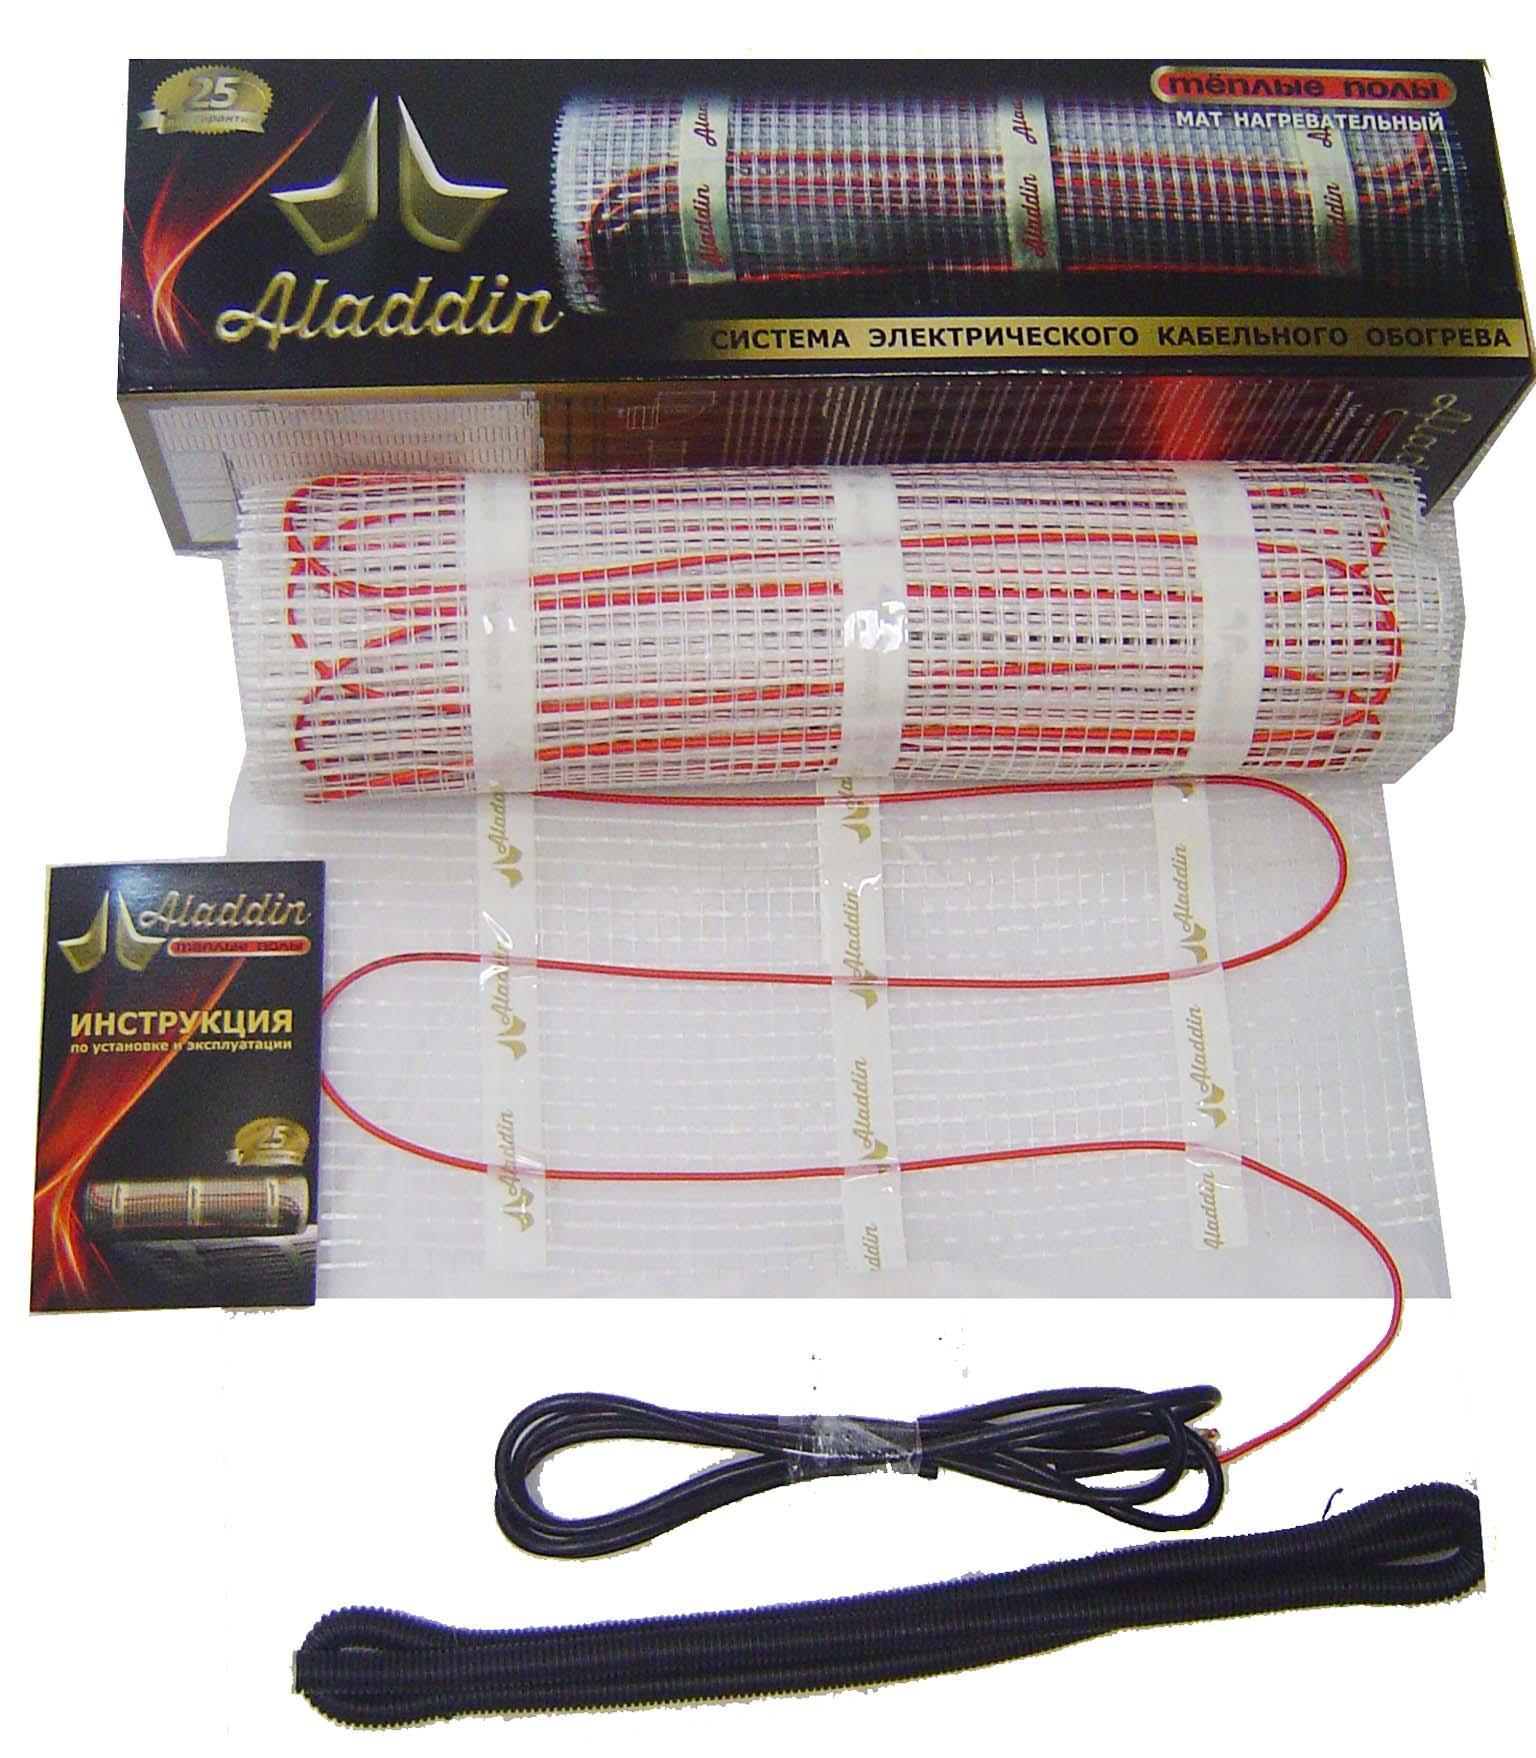 Нагревательный кабель ALADDIN HMT-10,0-1500 Ватт